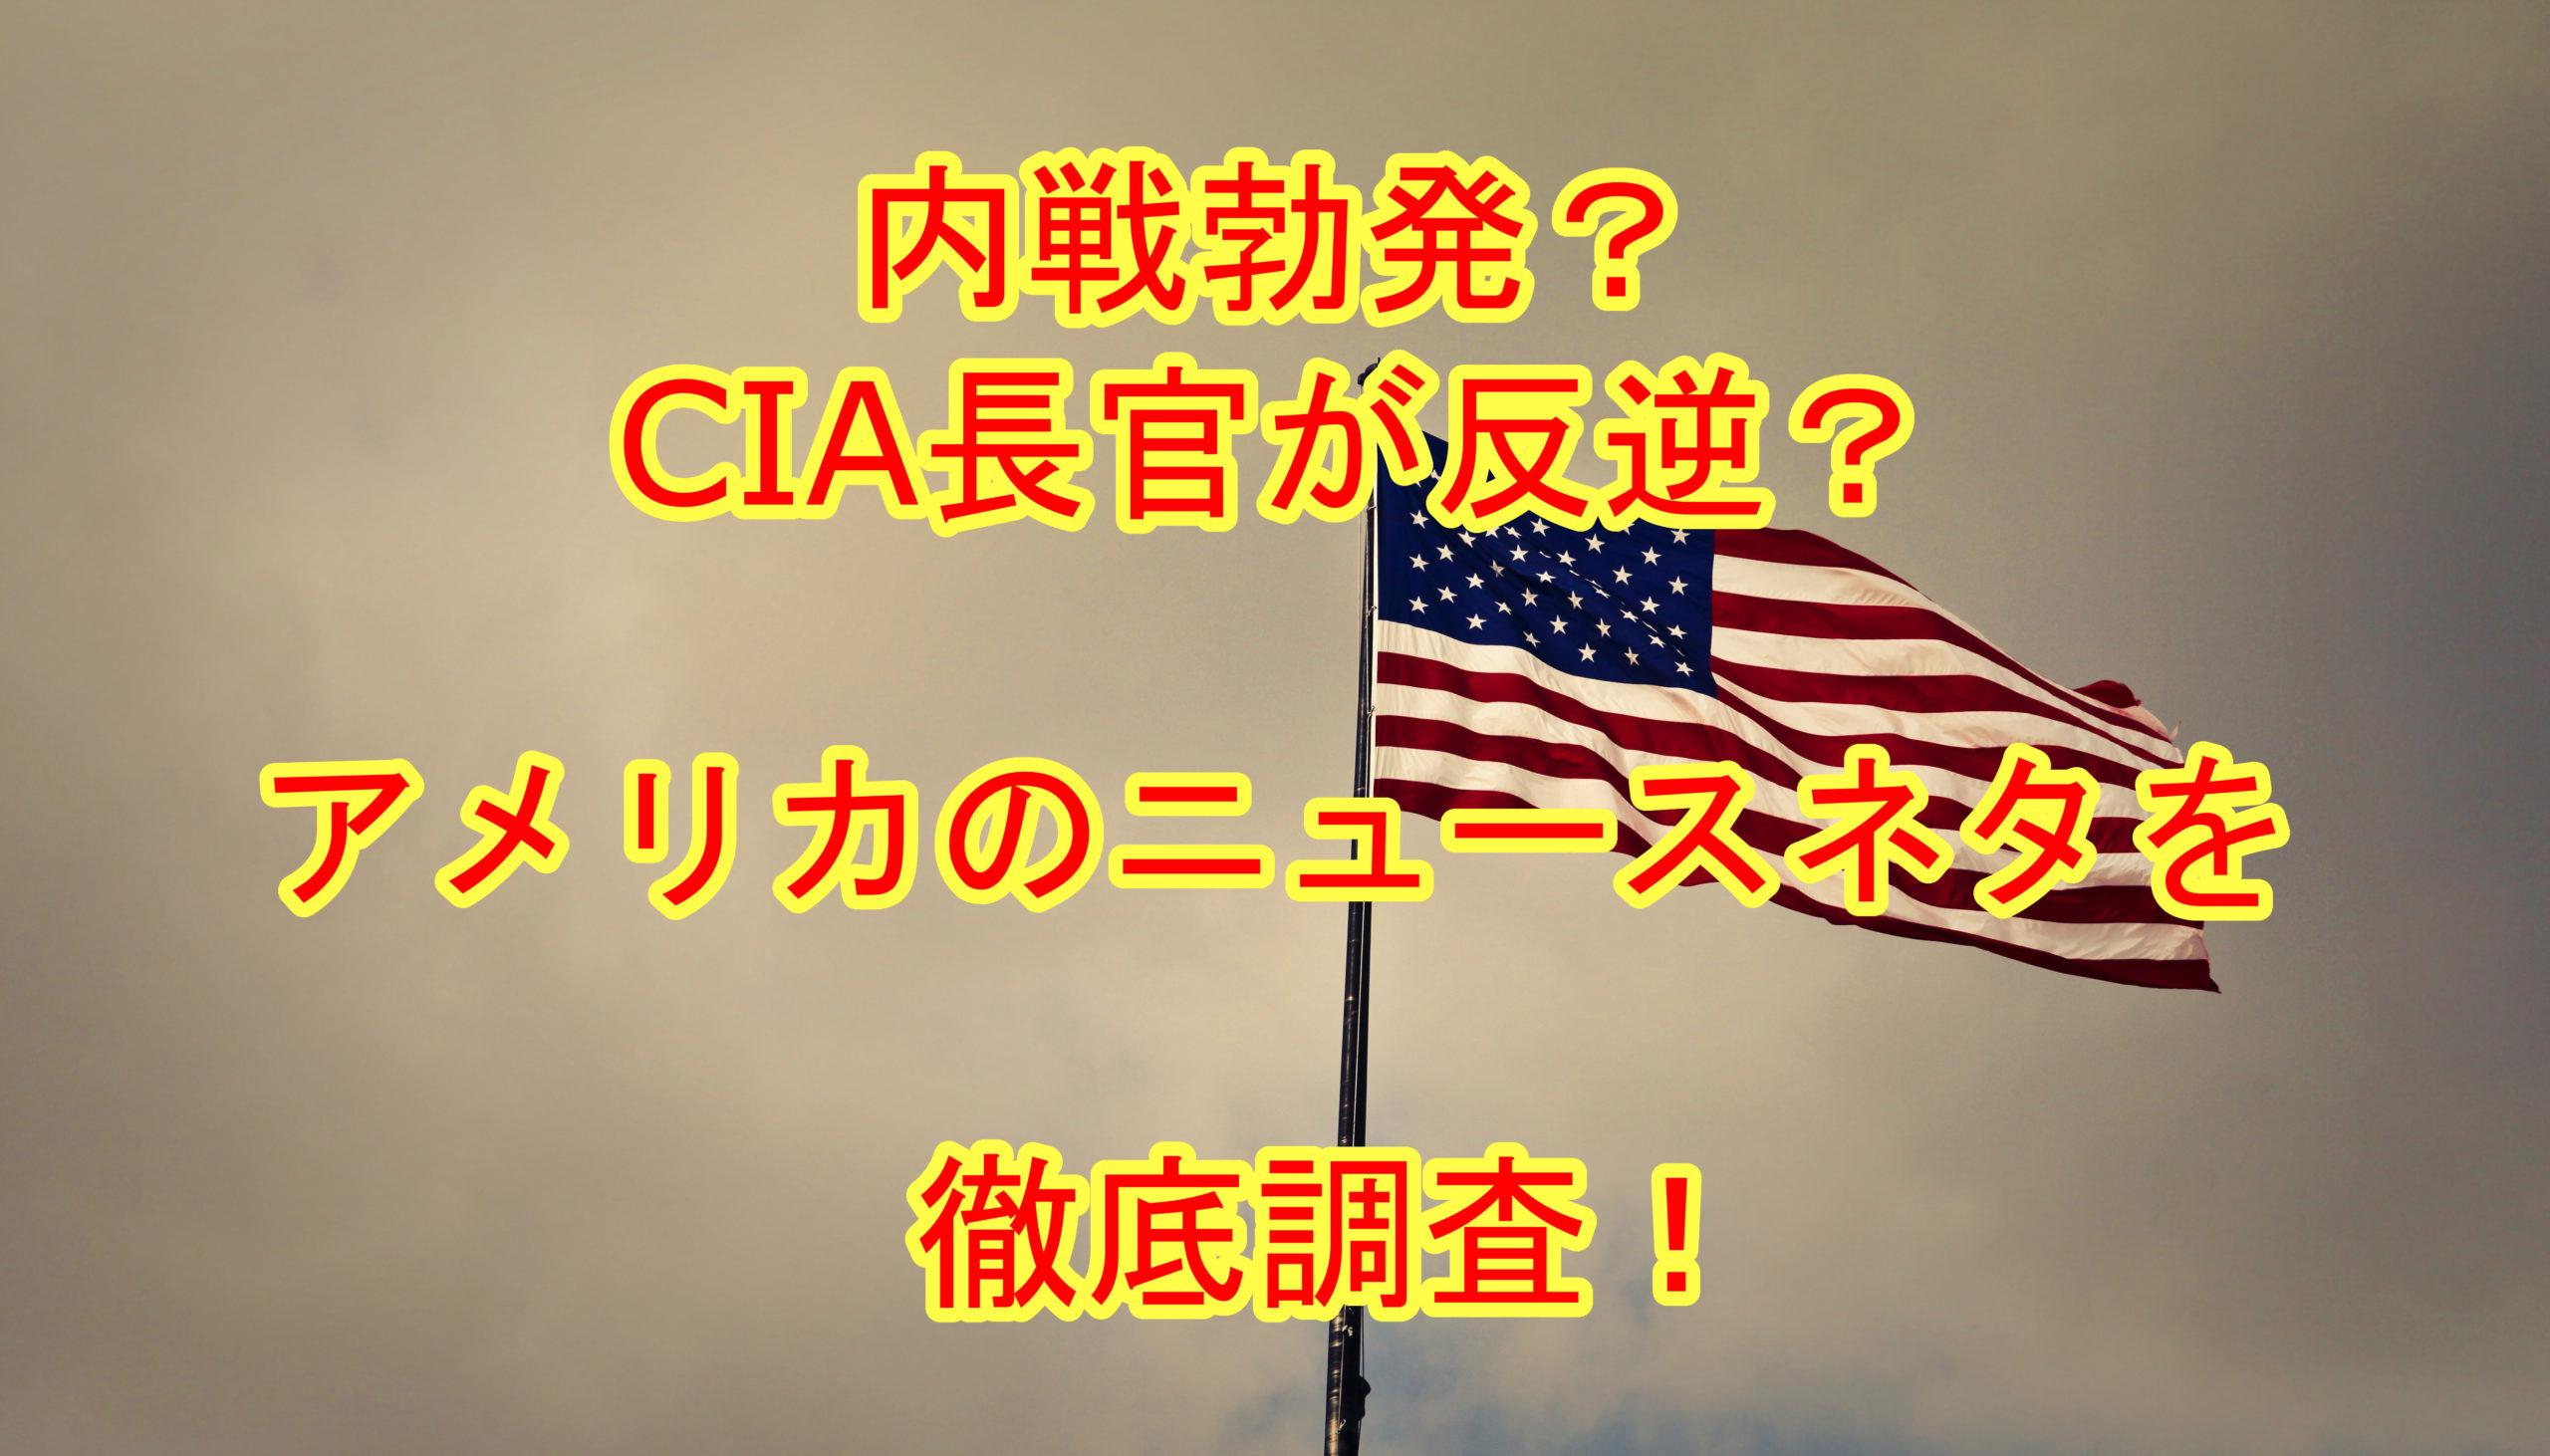 Cia アメリカ